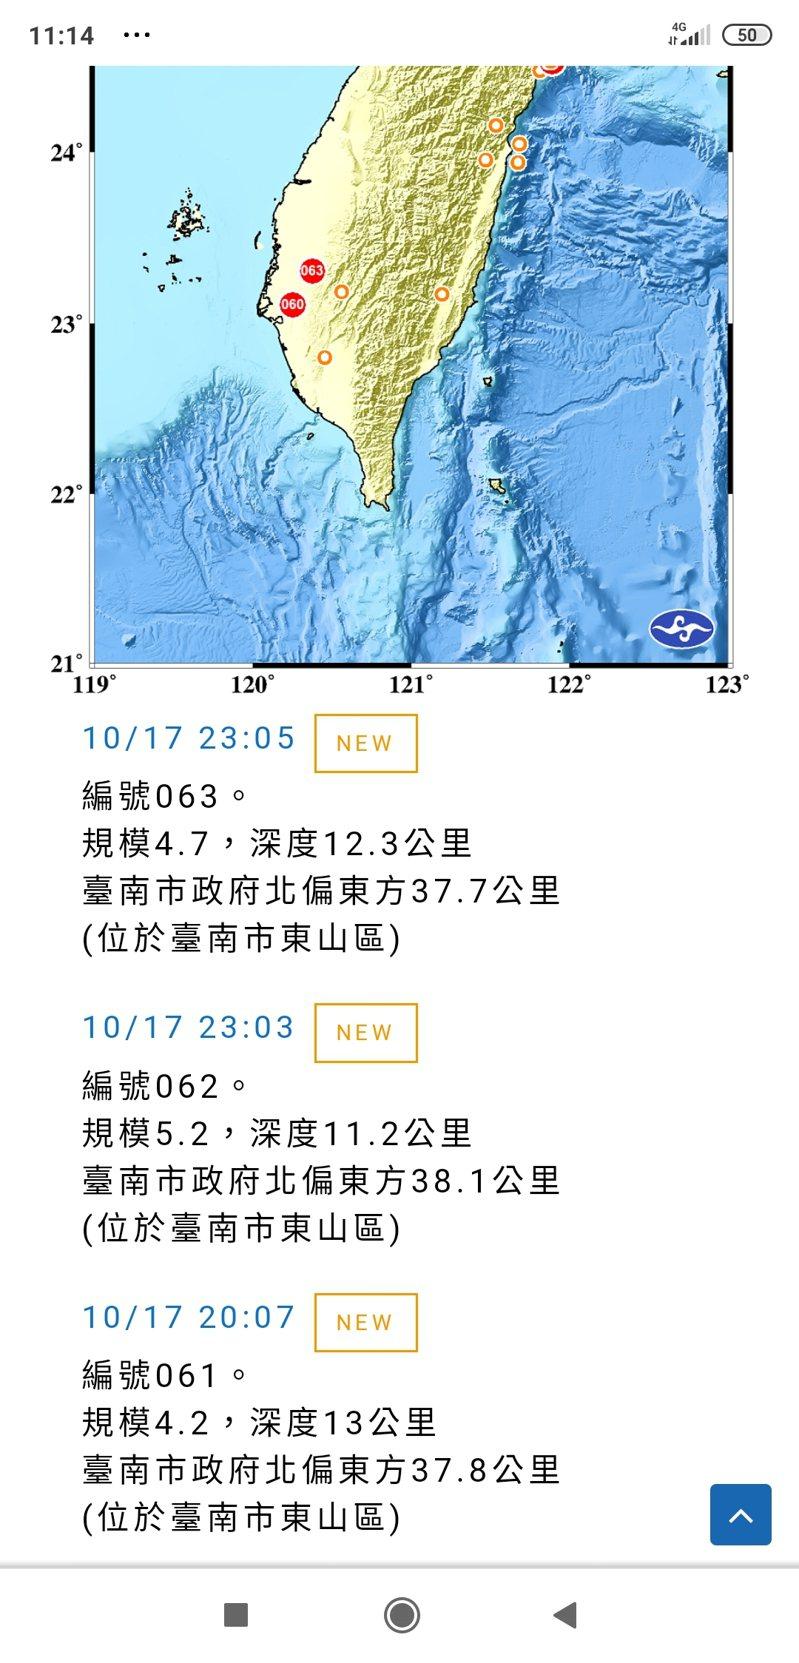 台南東山晚間3小時內連續3起淺層地震,地方熱議。圖/翻攝自中央氣象局官網